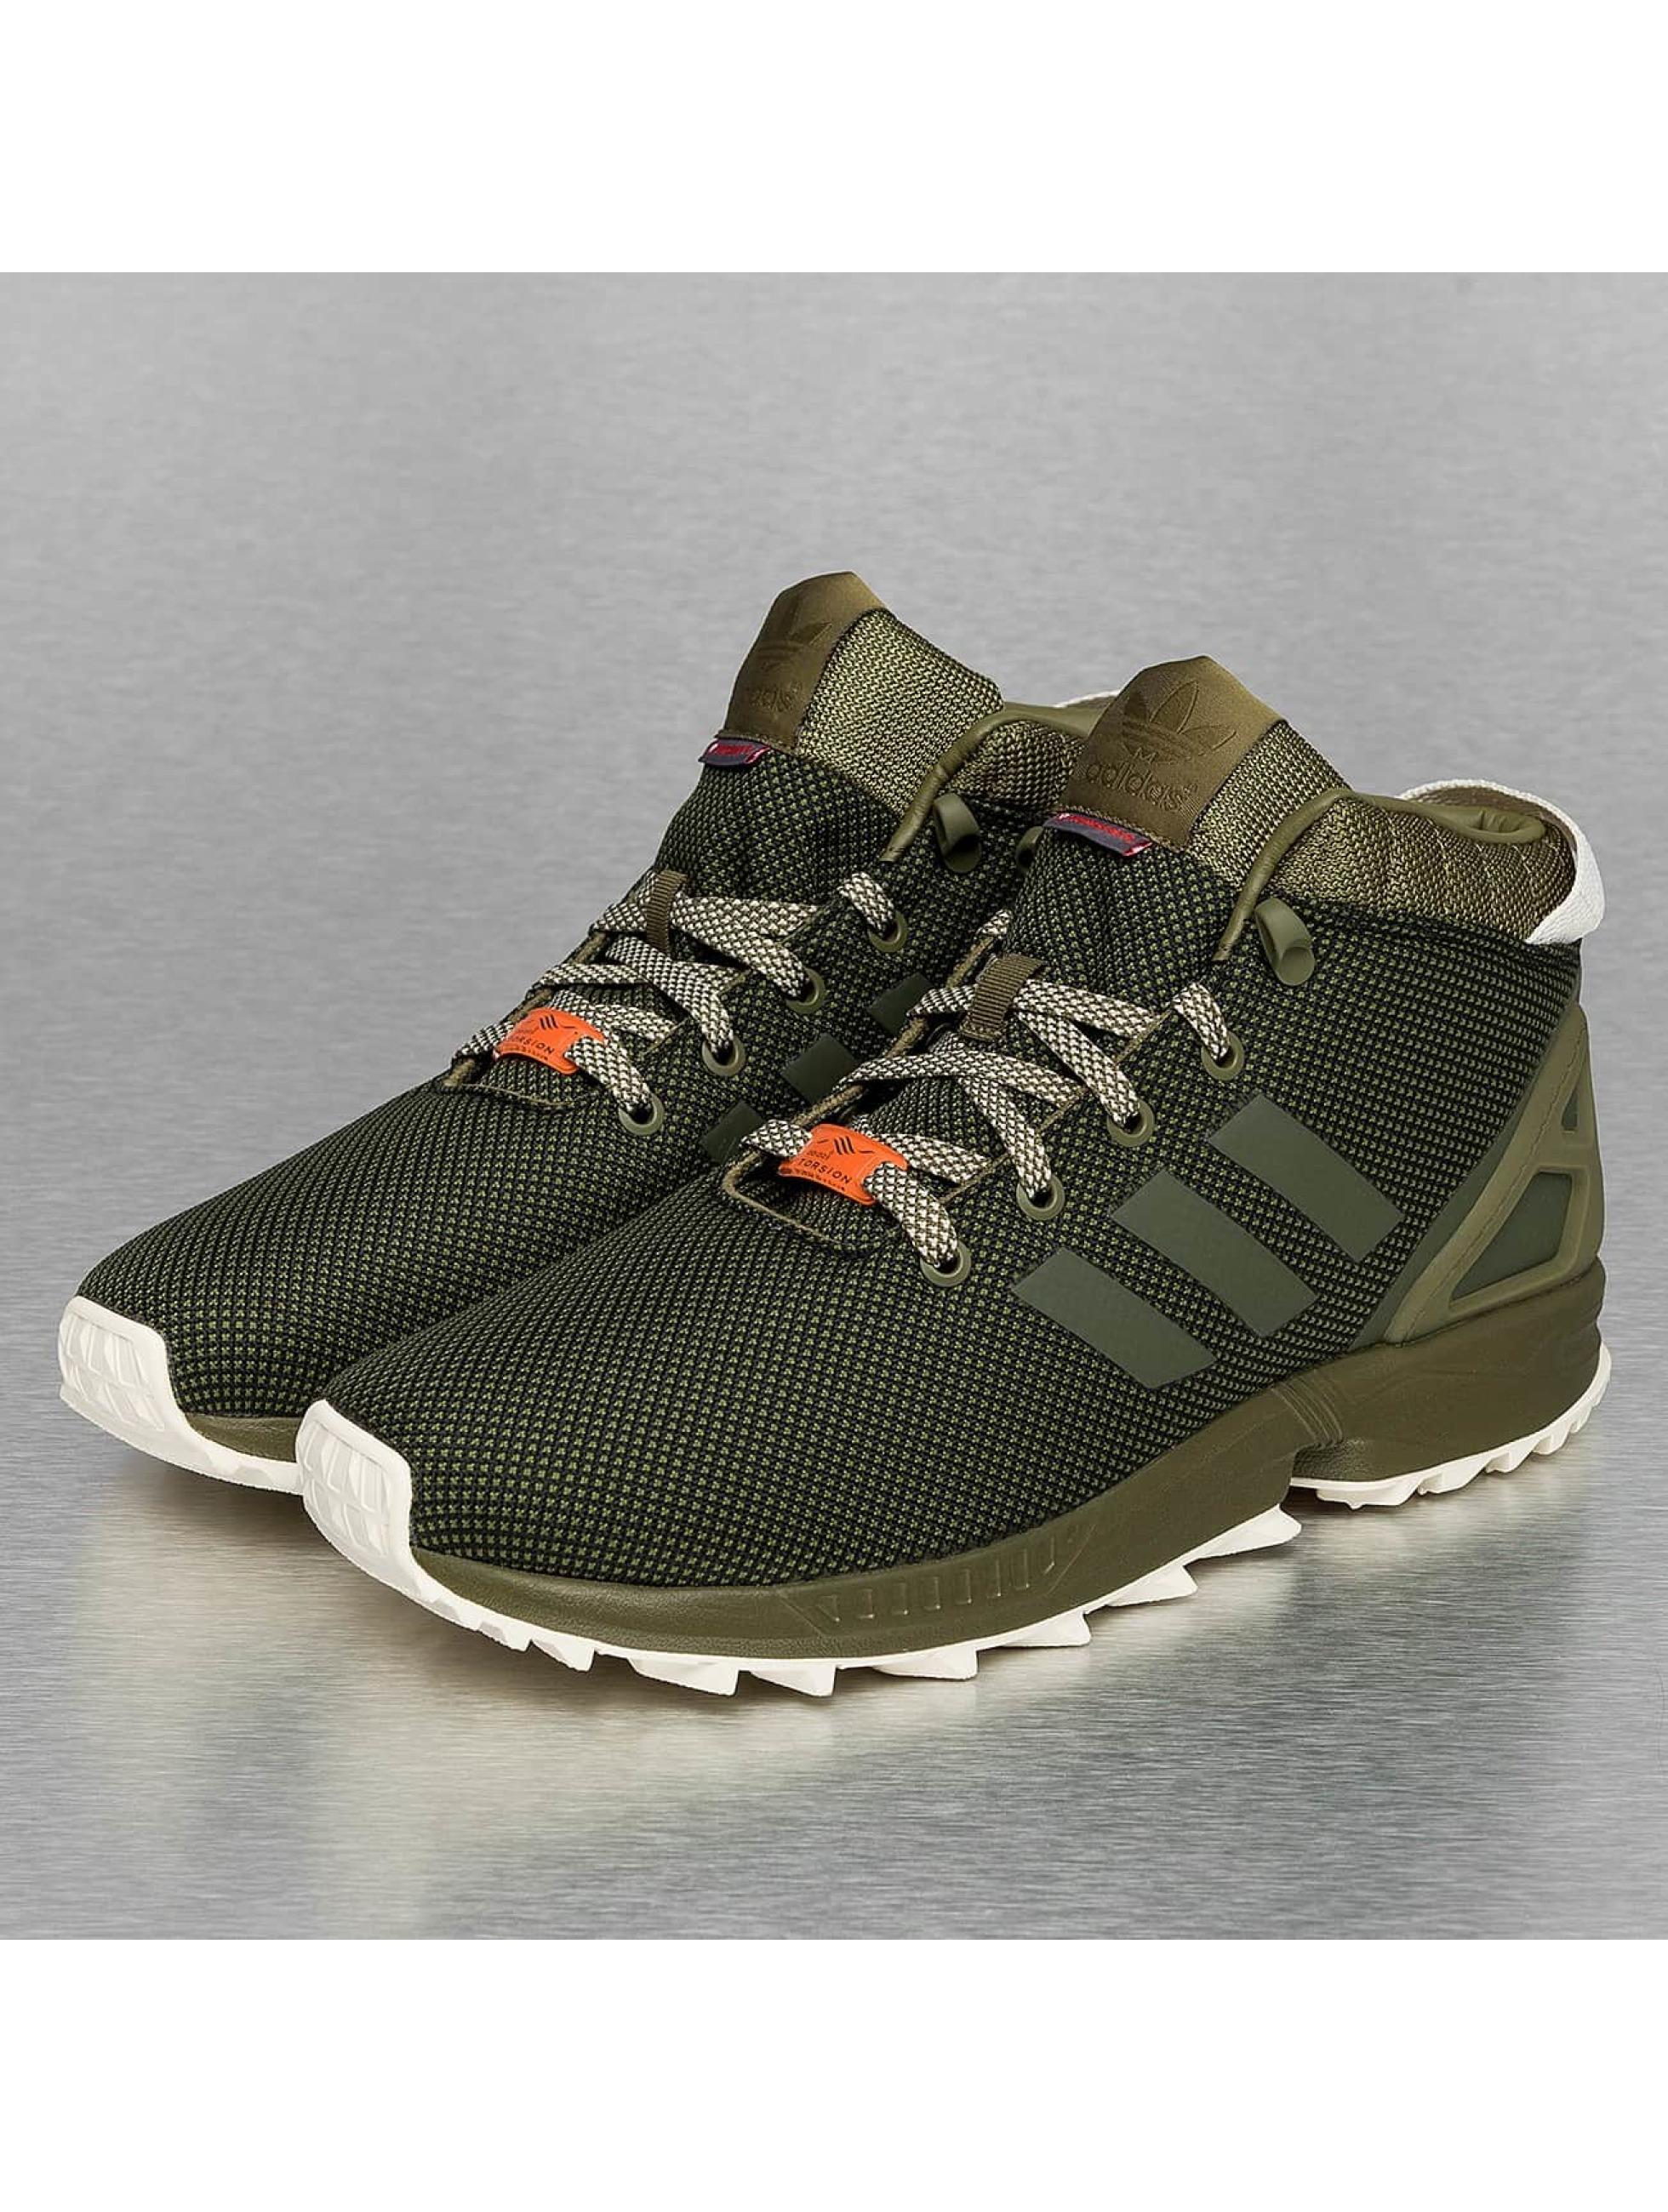 Sneaker ZX Flux 5/8 TR in olive